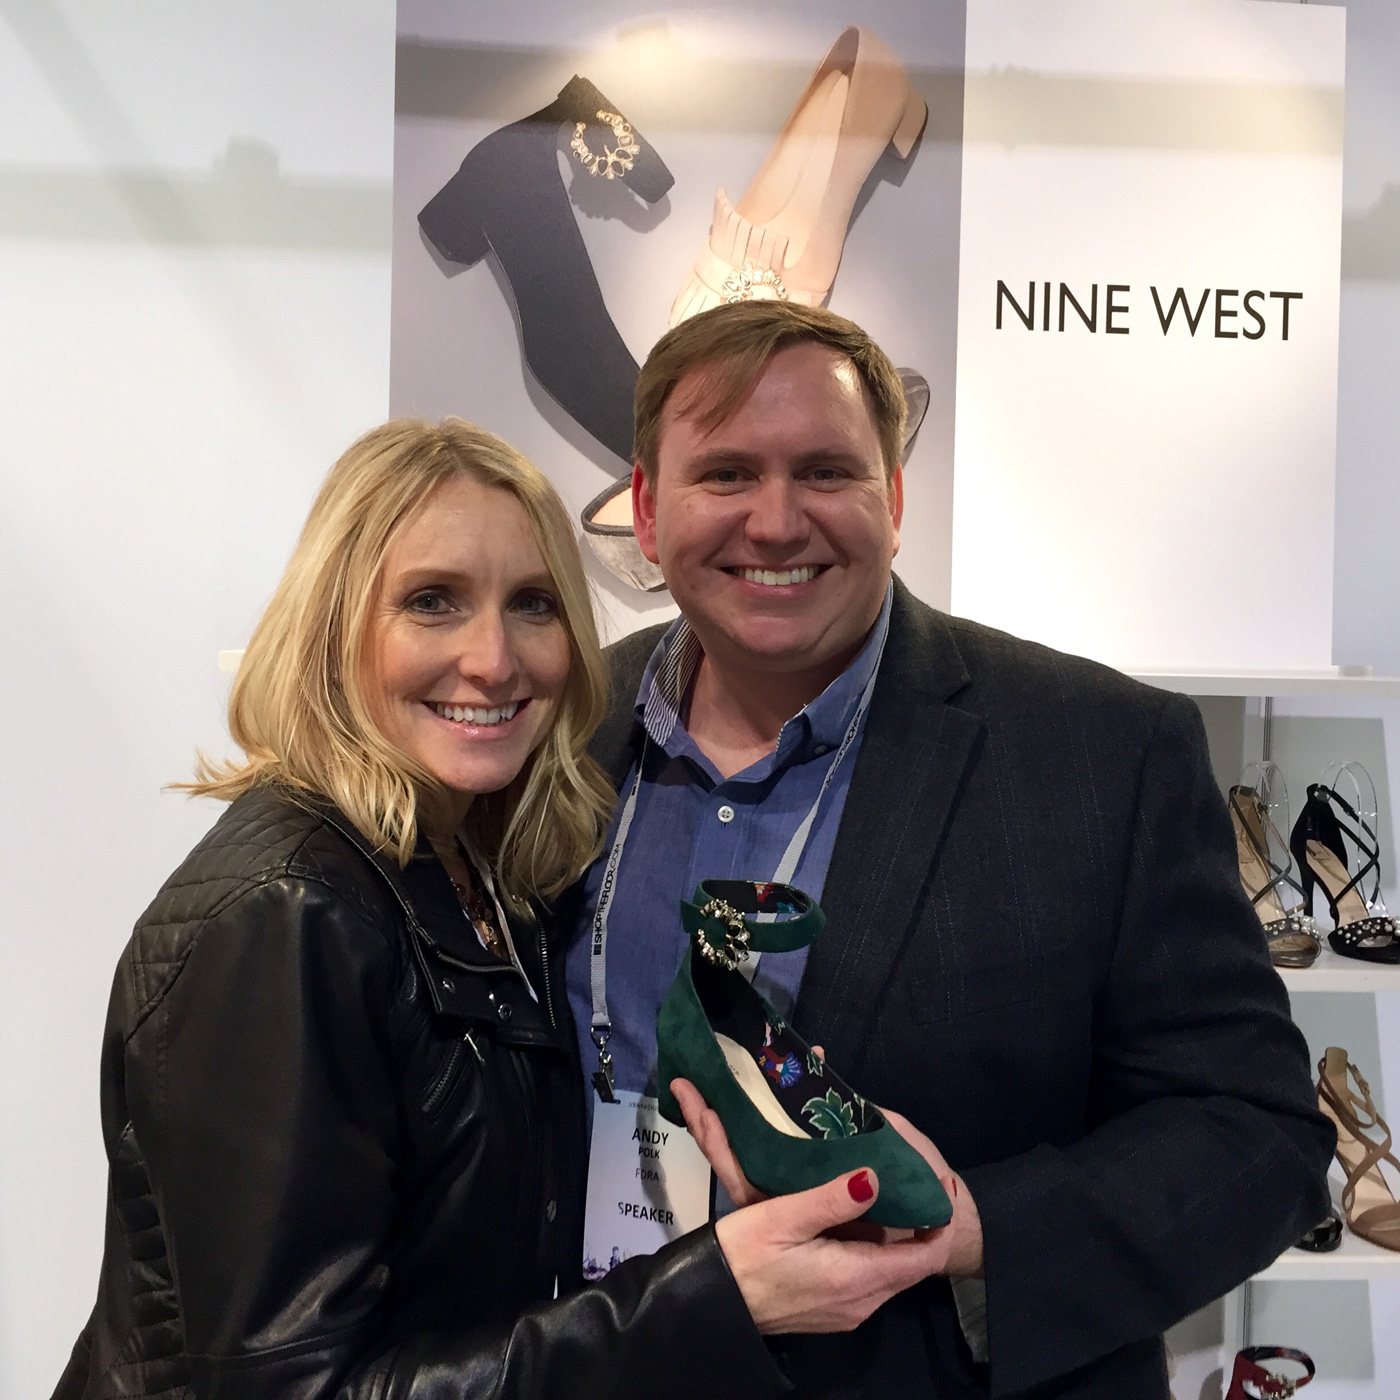 Noelle Frye, Vice President of Sales, Nine West